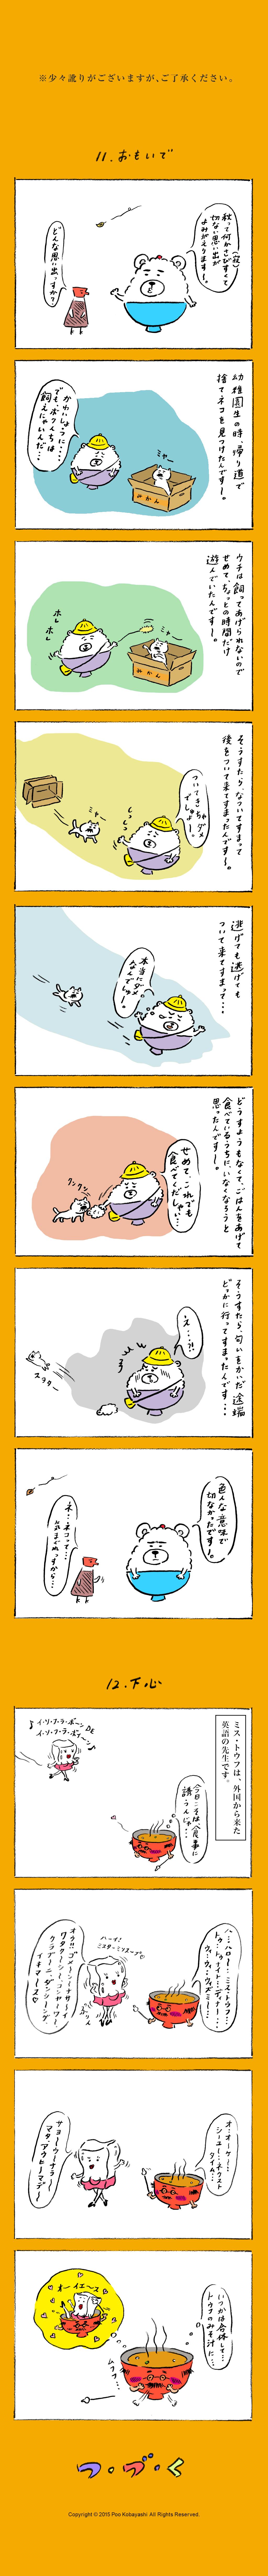 shirokumagohan_4koma_4_story